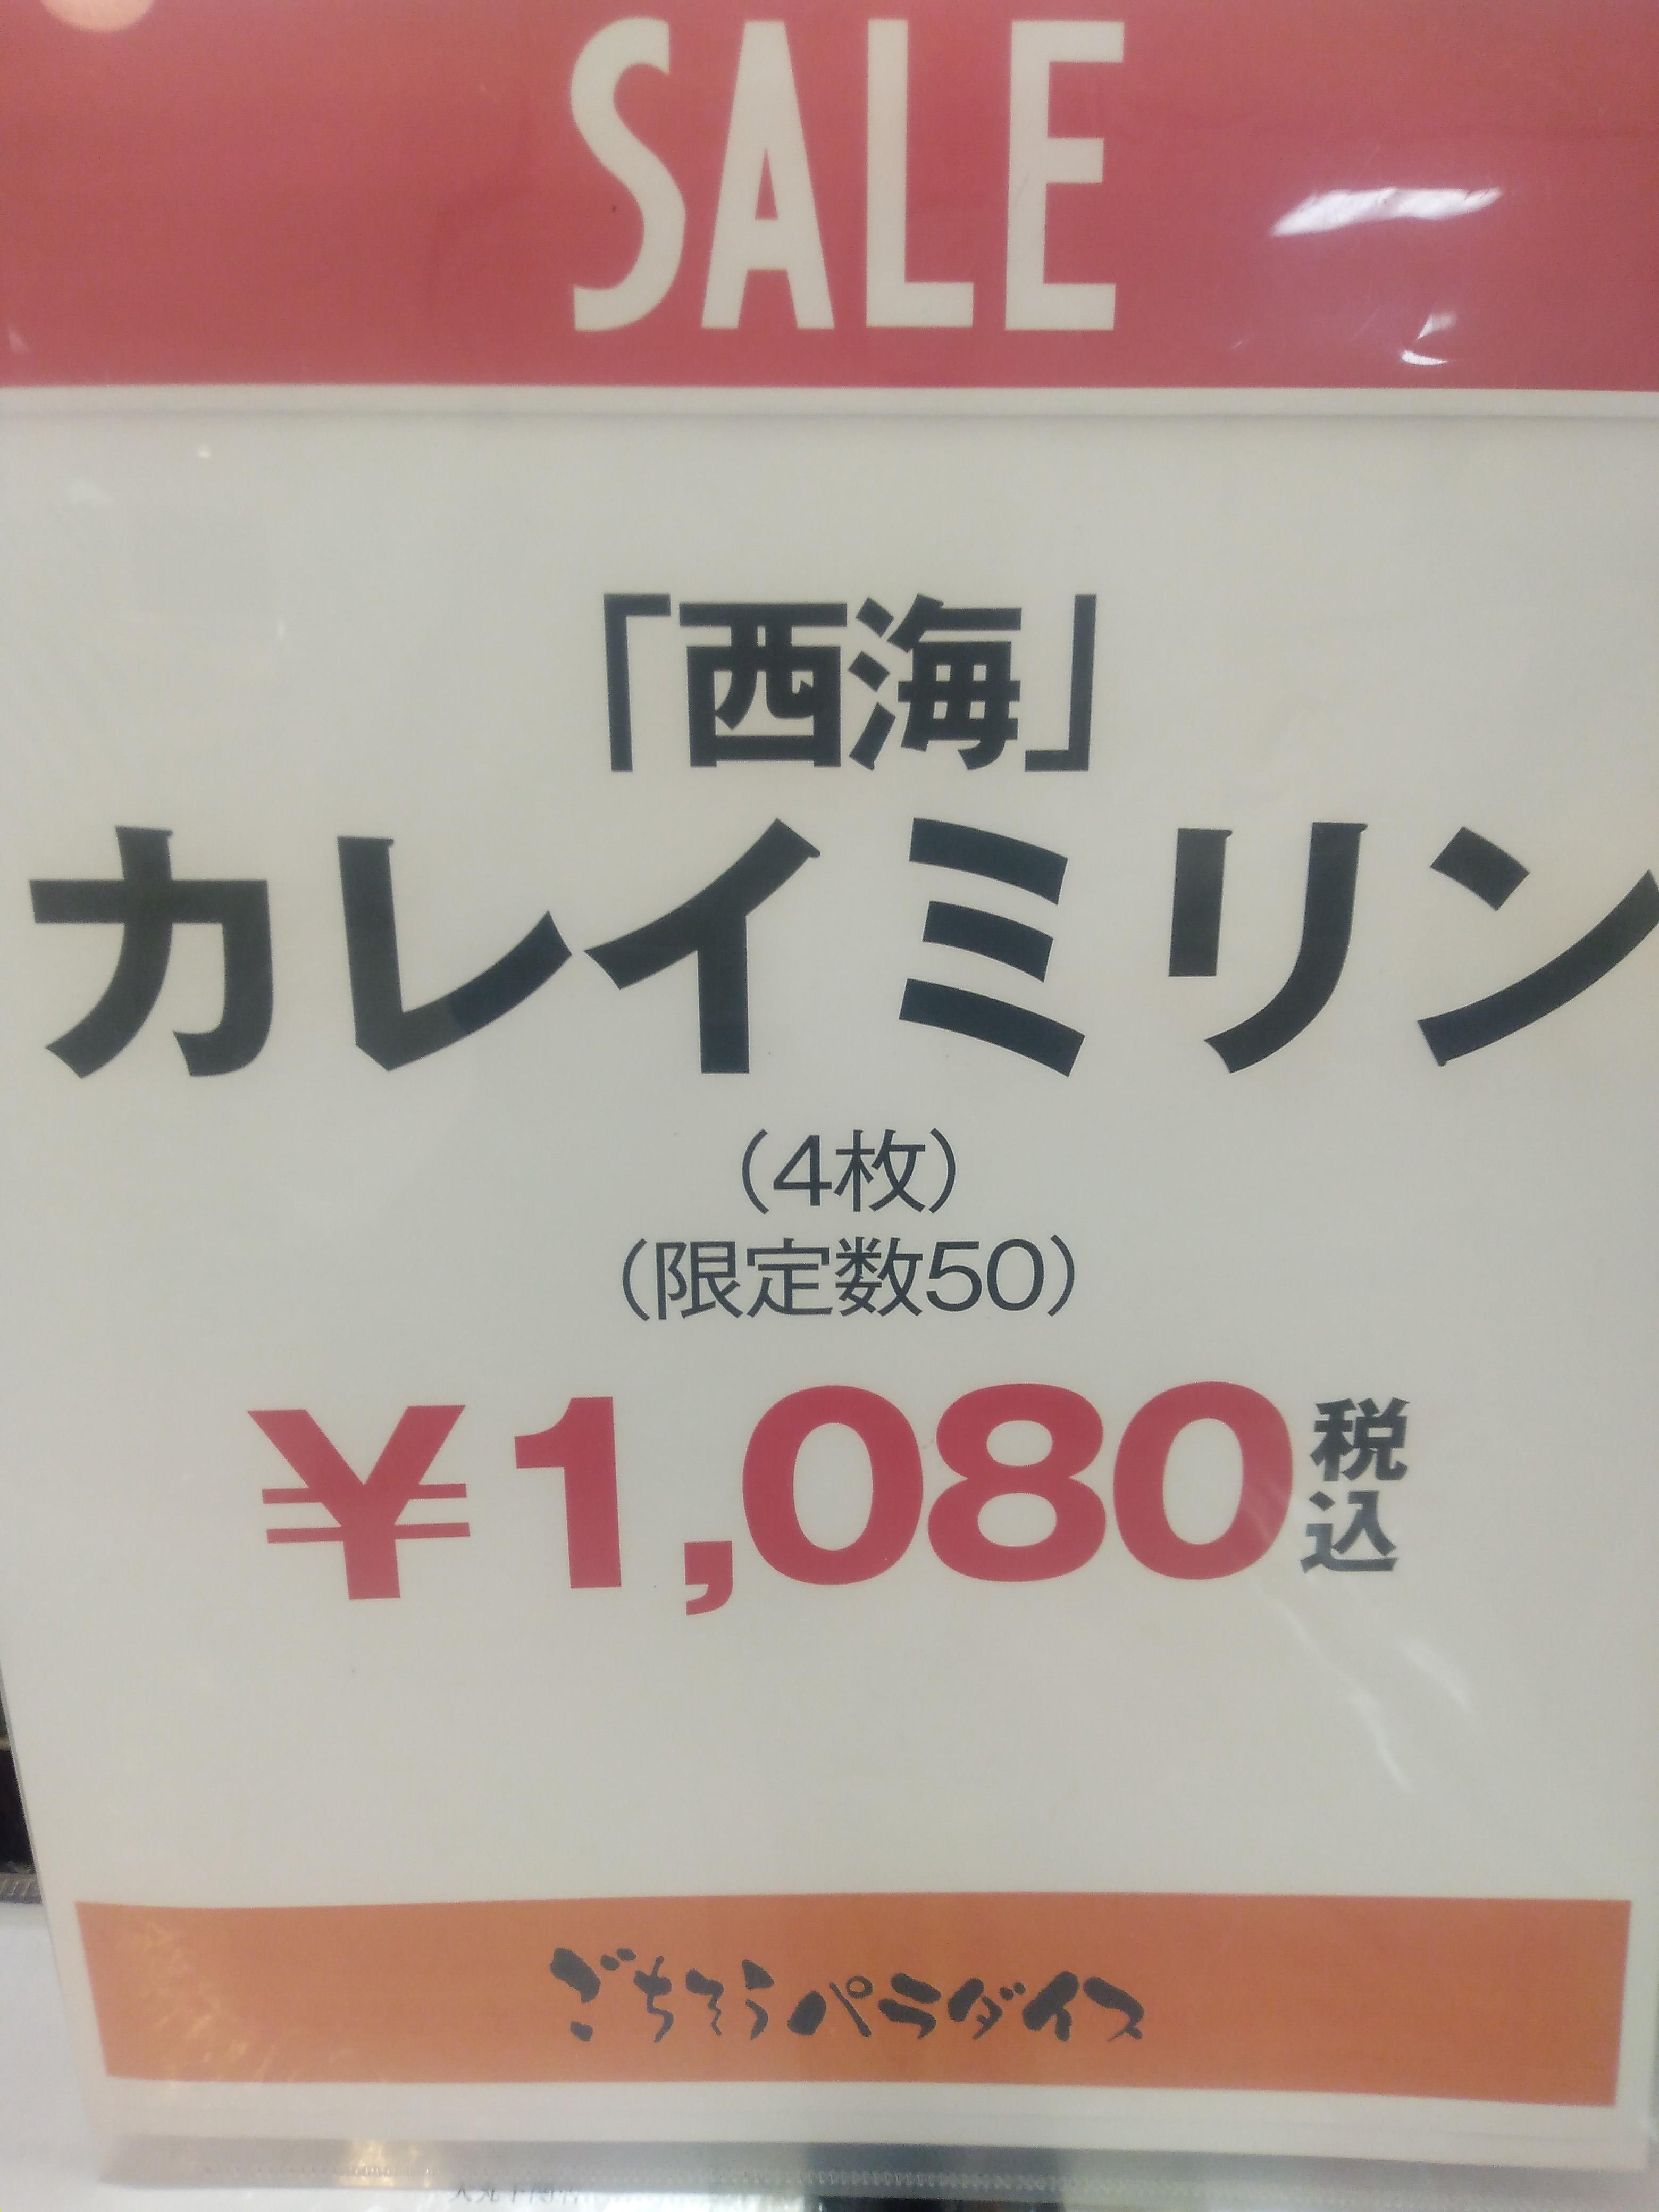 003481/7ada8b98.jpg